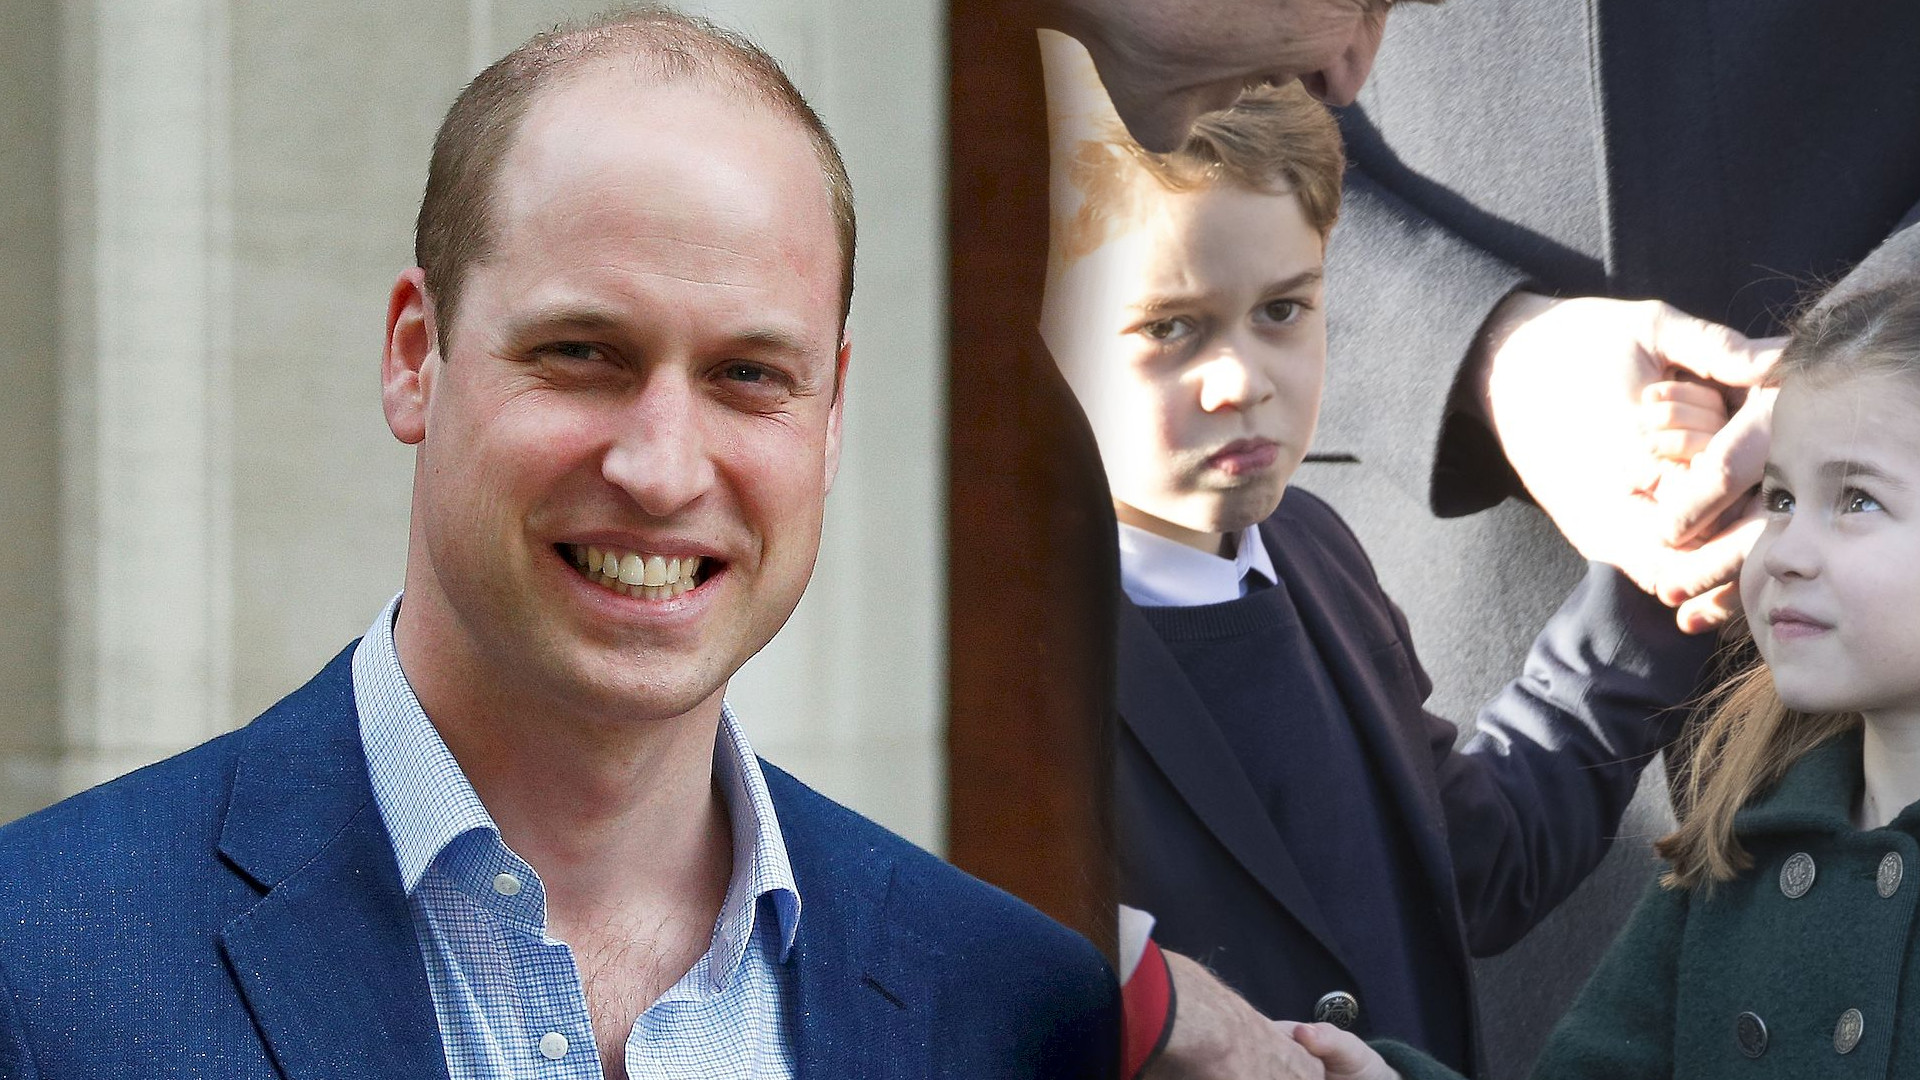 Książę William pokazał nowe zdjęcie z dziećmi. Ogrodniczki księżniczki Charlotte będą chciały mieć wszystkie dziewczynki